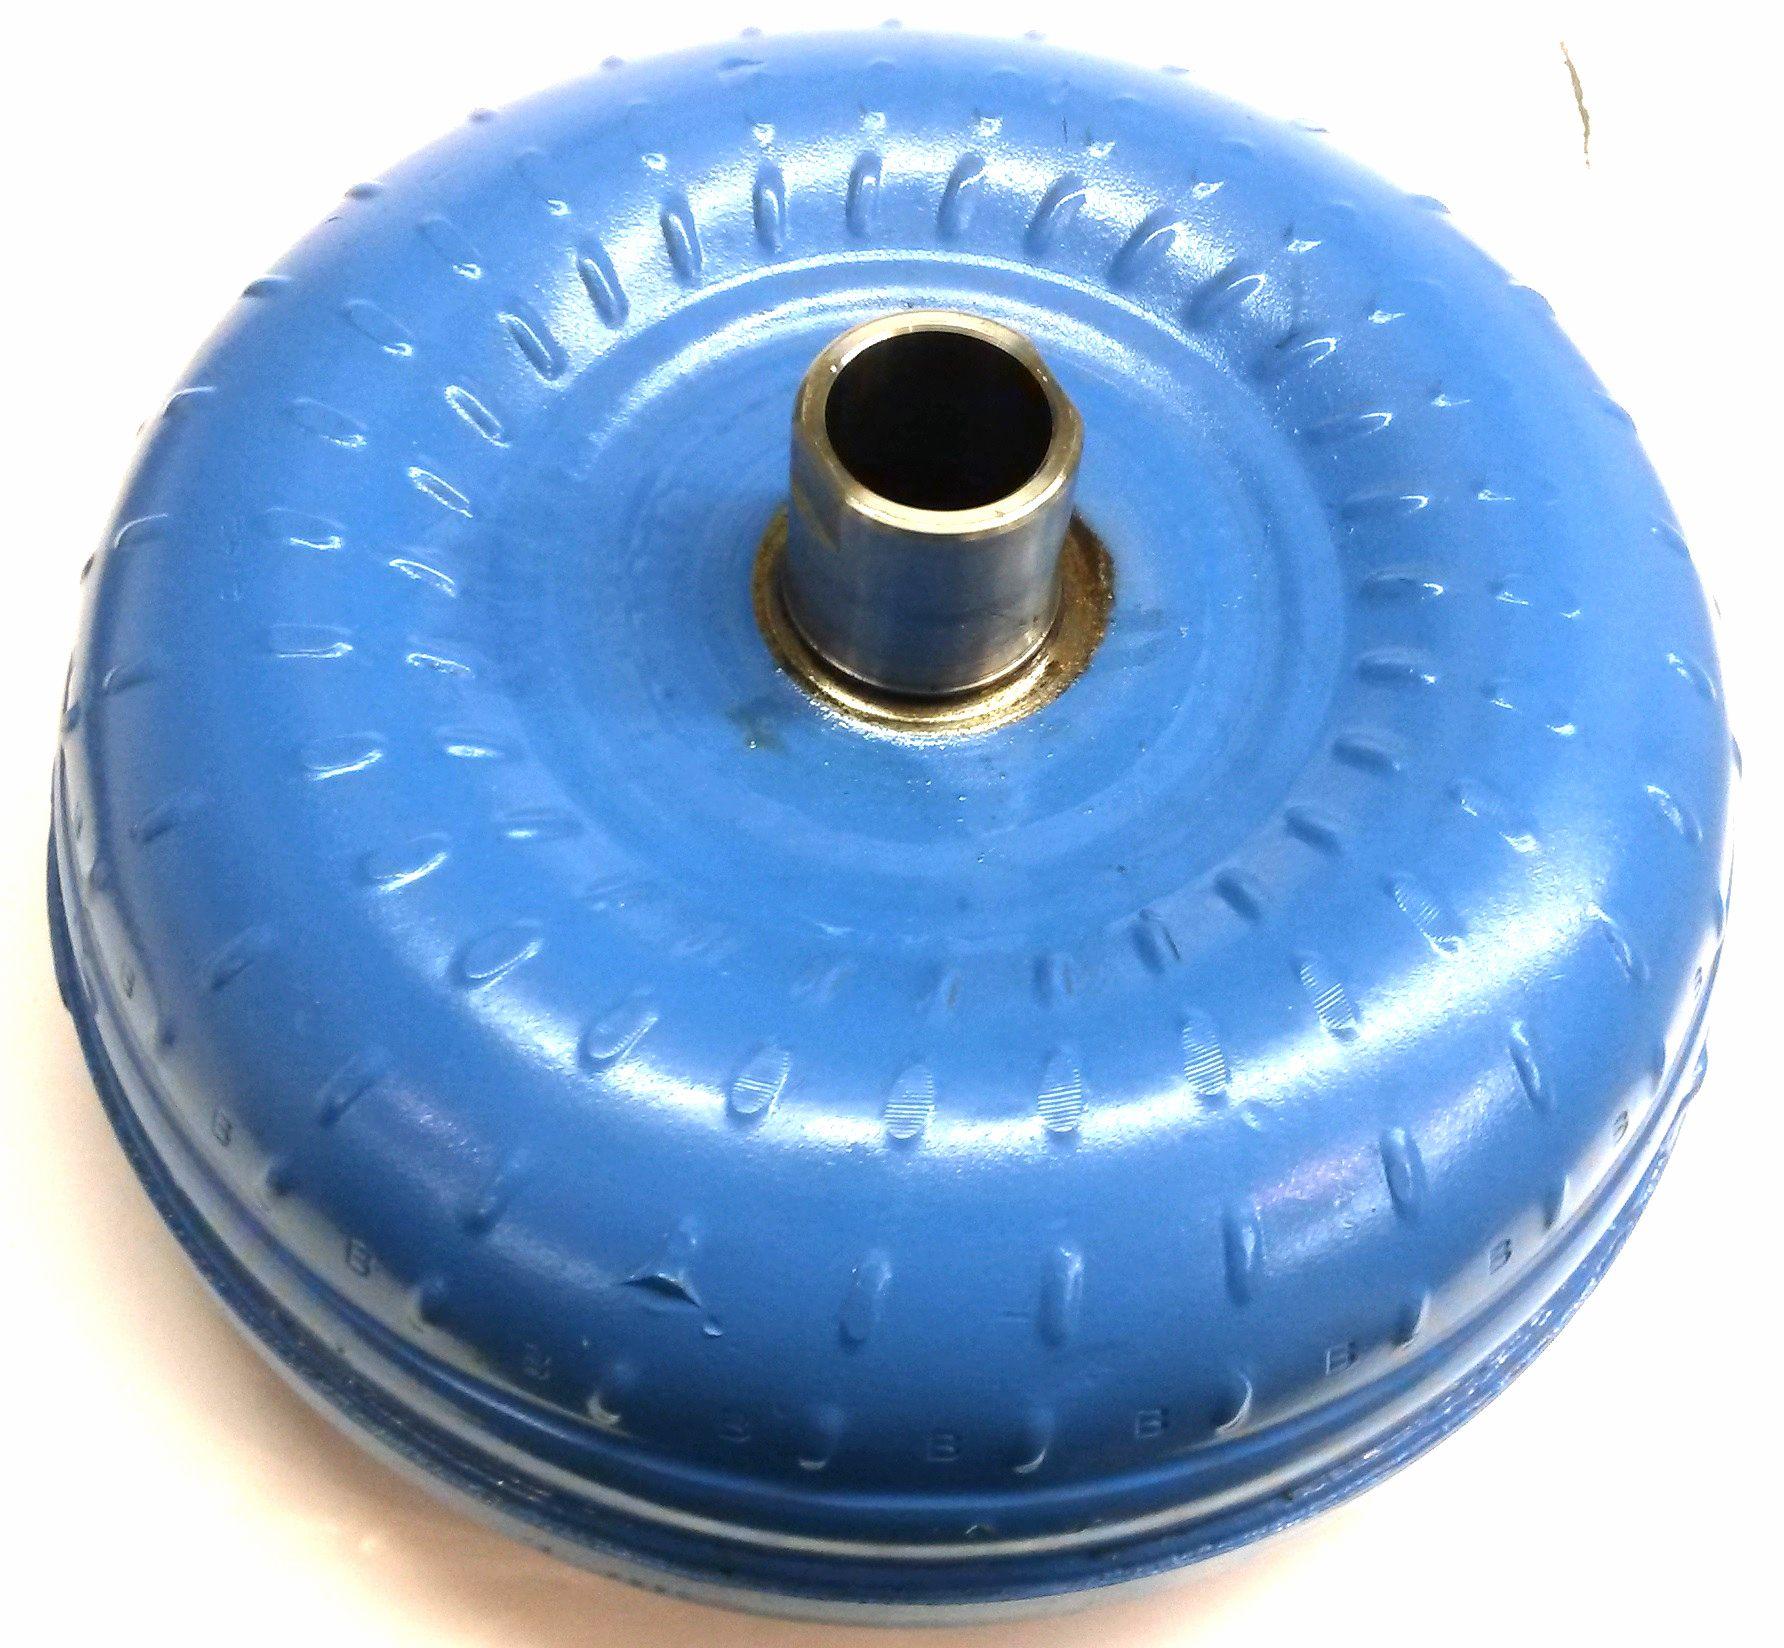 4L80E 1998-UP Torque Converter 6.5L, 7.4L